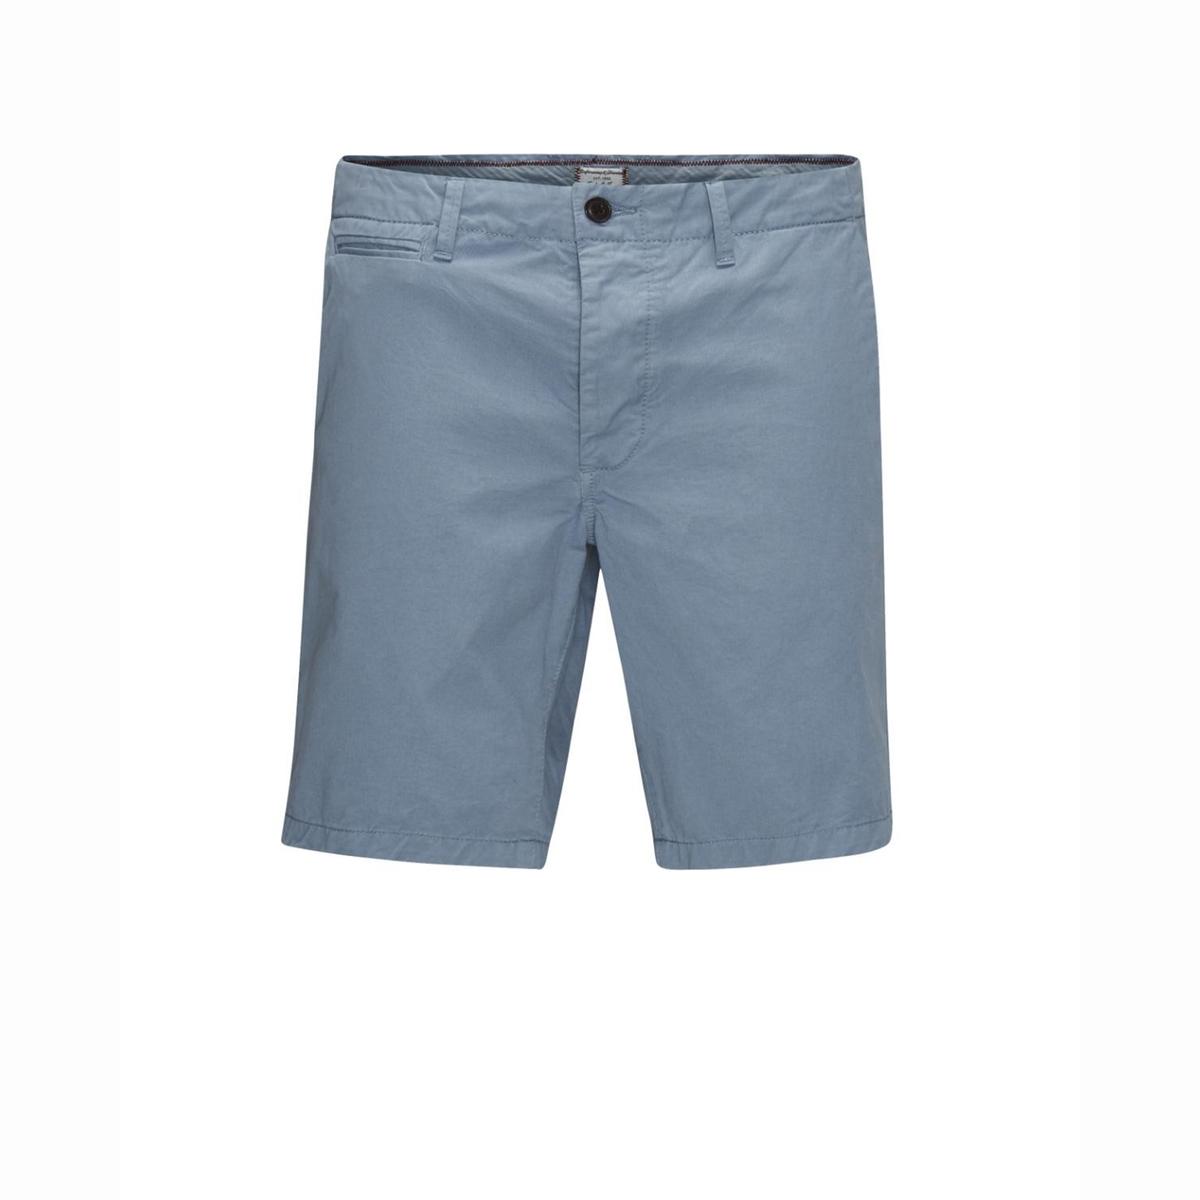 Бермуды GRAHAM,100% хлопкаСостав и описаниеМатериал: 100% хлопка.Марка : JACK &amp; JONES.<br><br>Цвет: зеленый,кремовый,небесно-голубой<br>Размер: L.L.L.XL